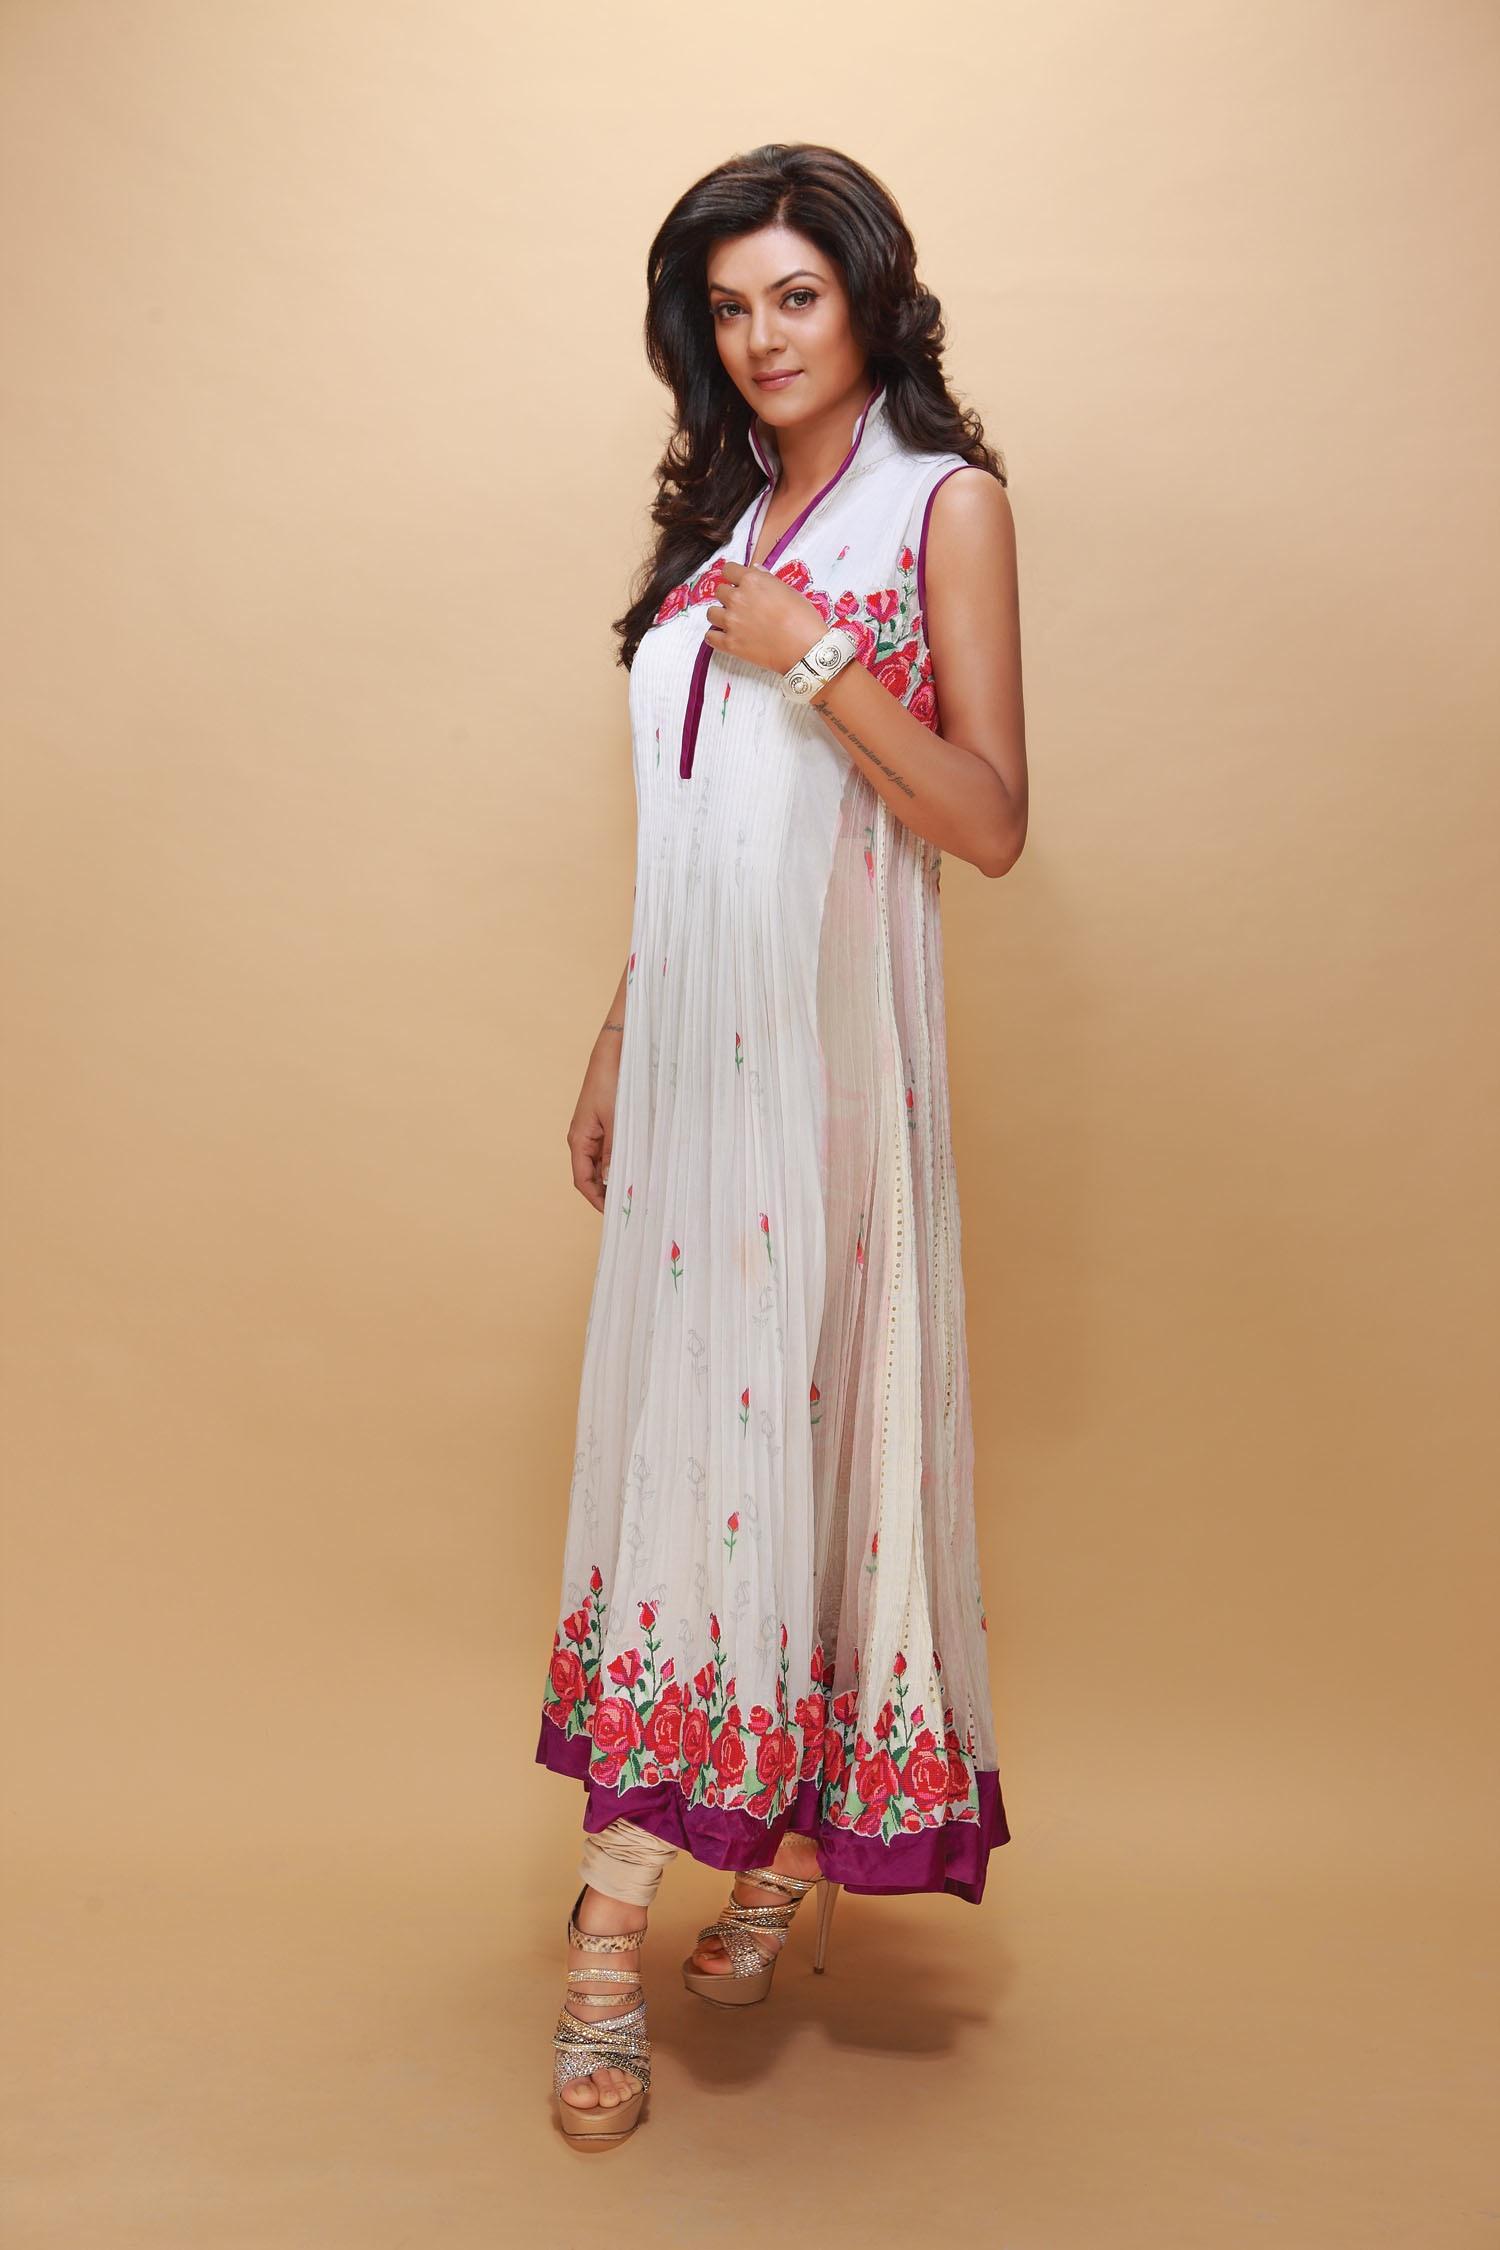 Cute Plus Size Summer Outfit Ideas - Plus Size Women Fashion